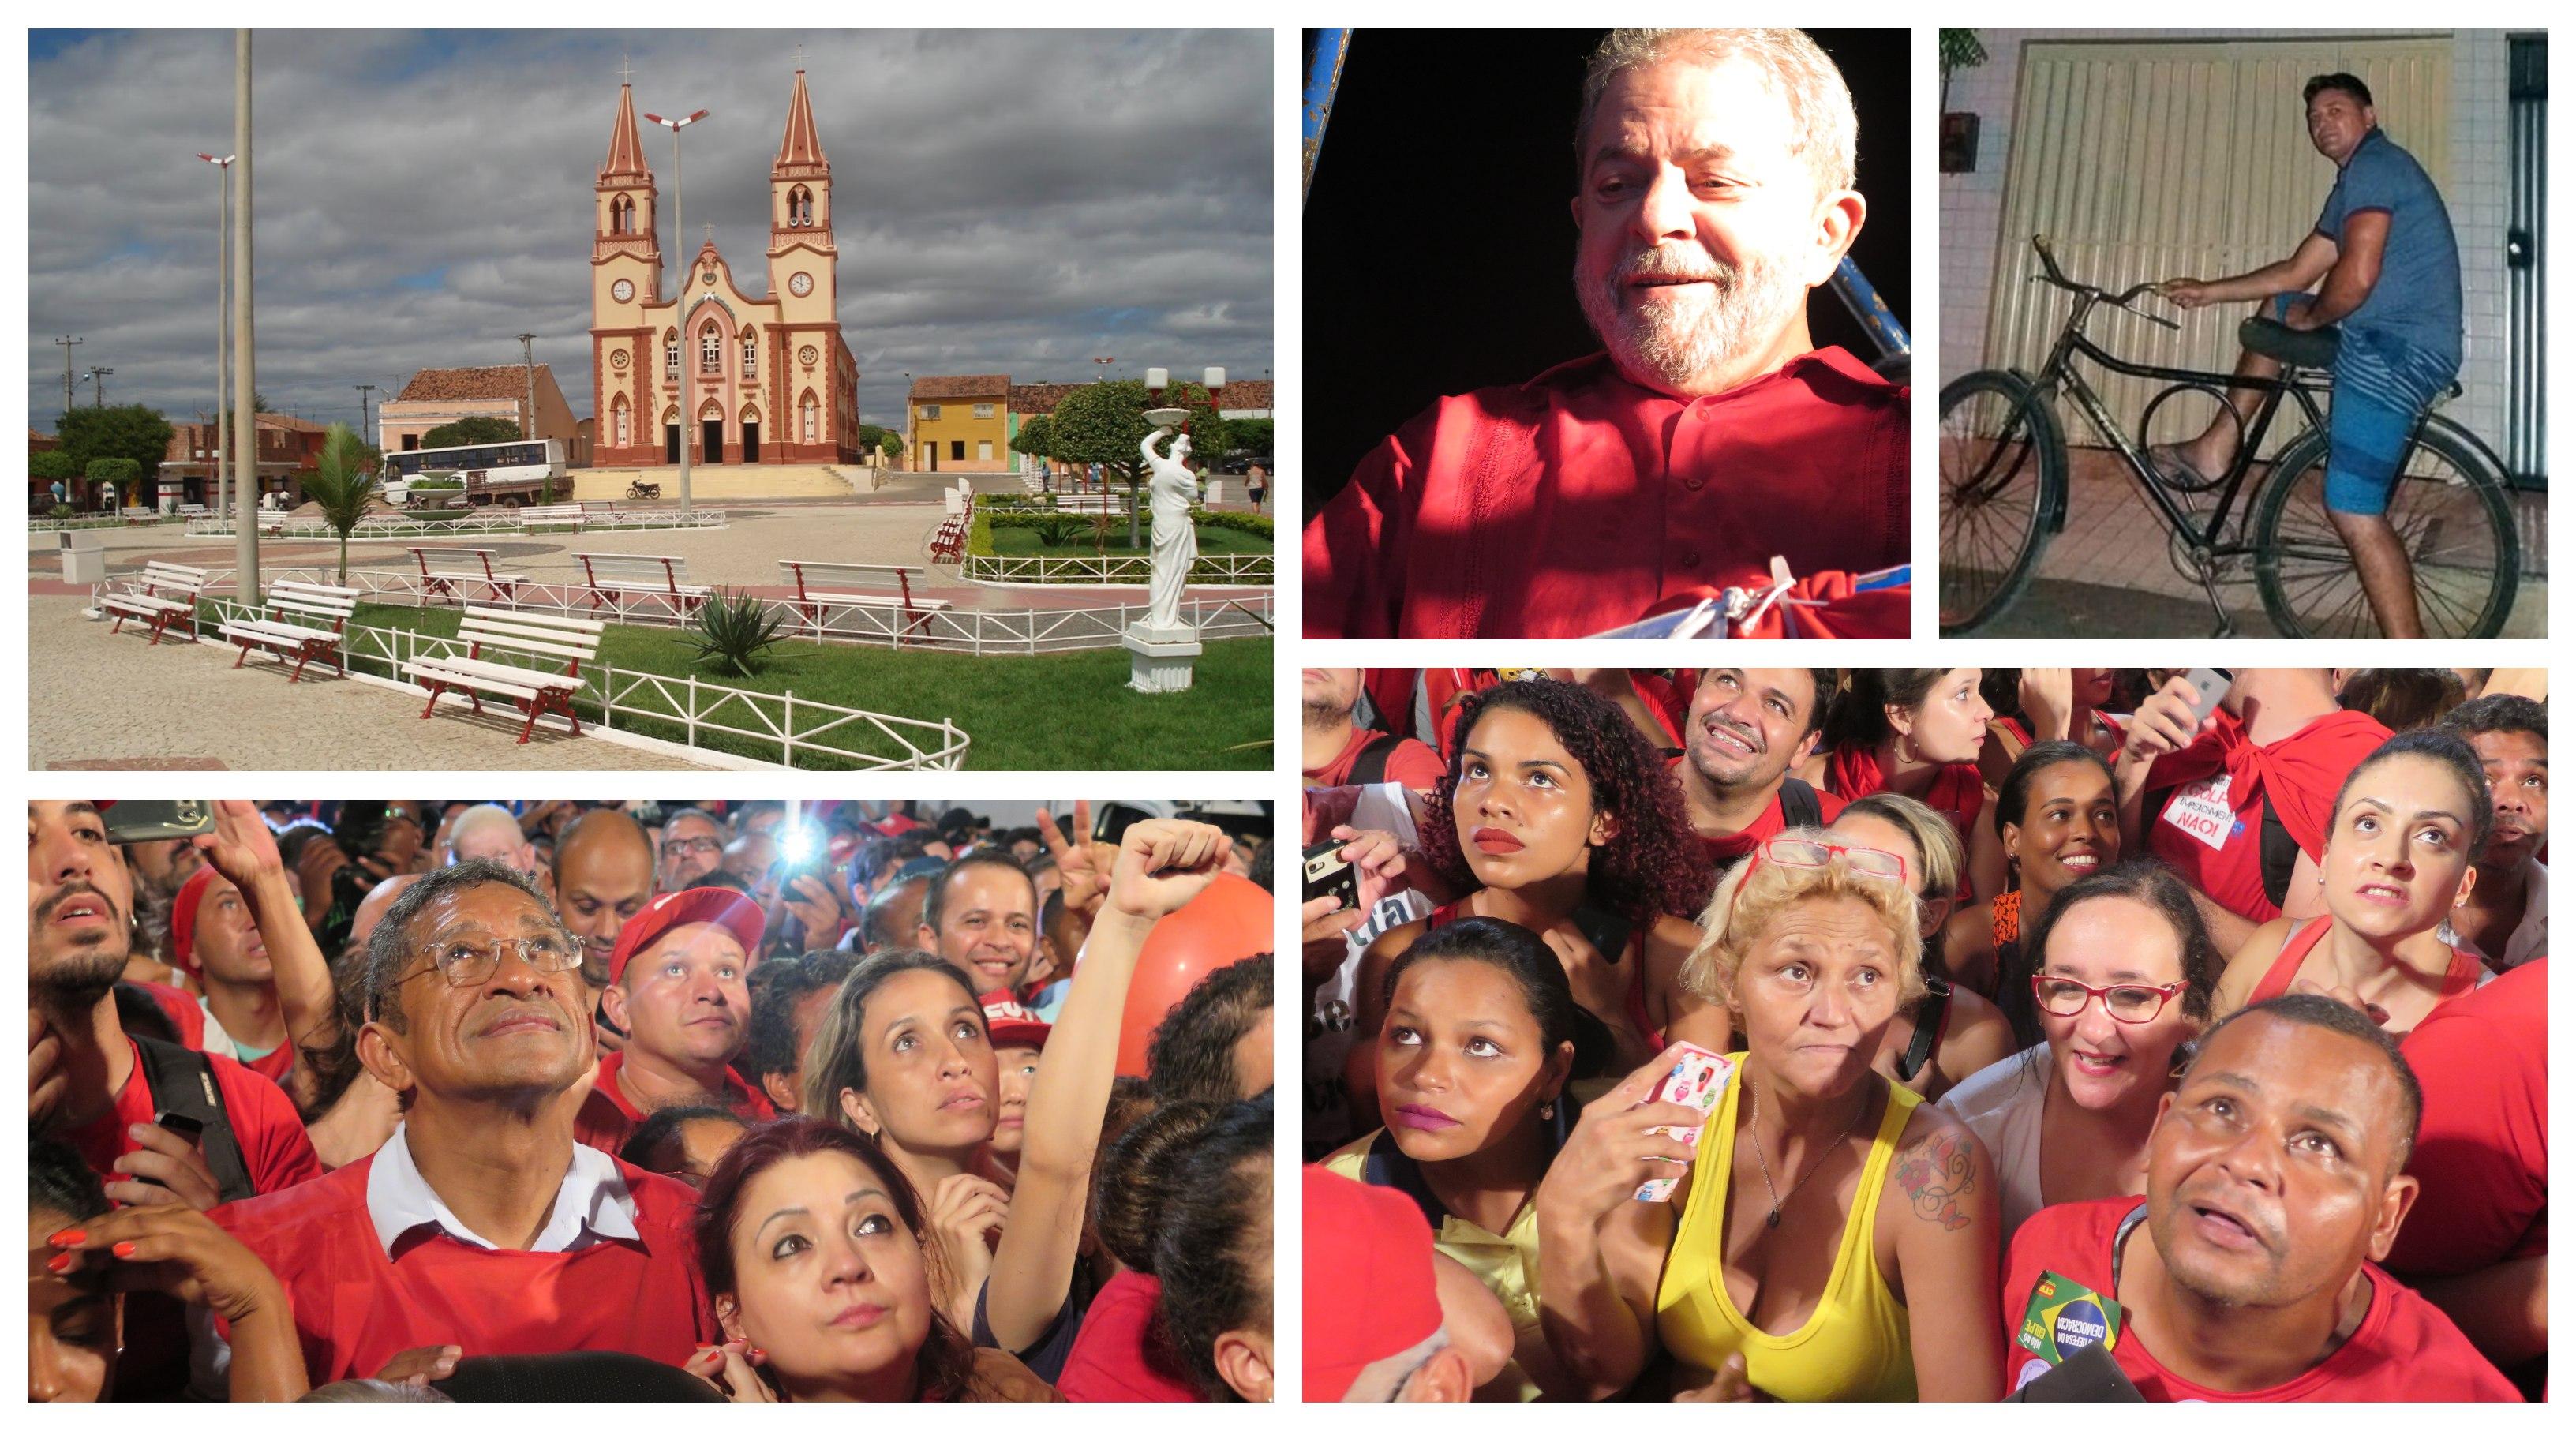 Adulador de Lula, autor de áudios que viralizaram, sonhou que recebeu chaves de Moro para tirar o ex-presidente da cadeia